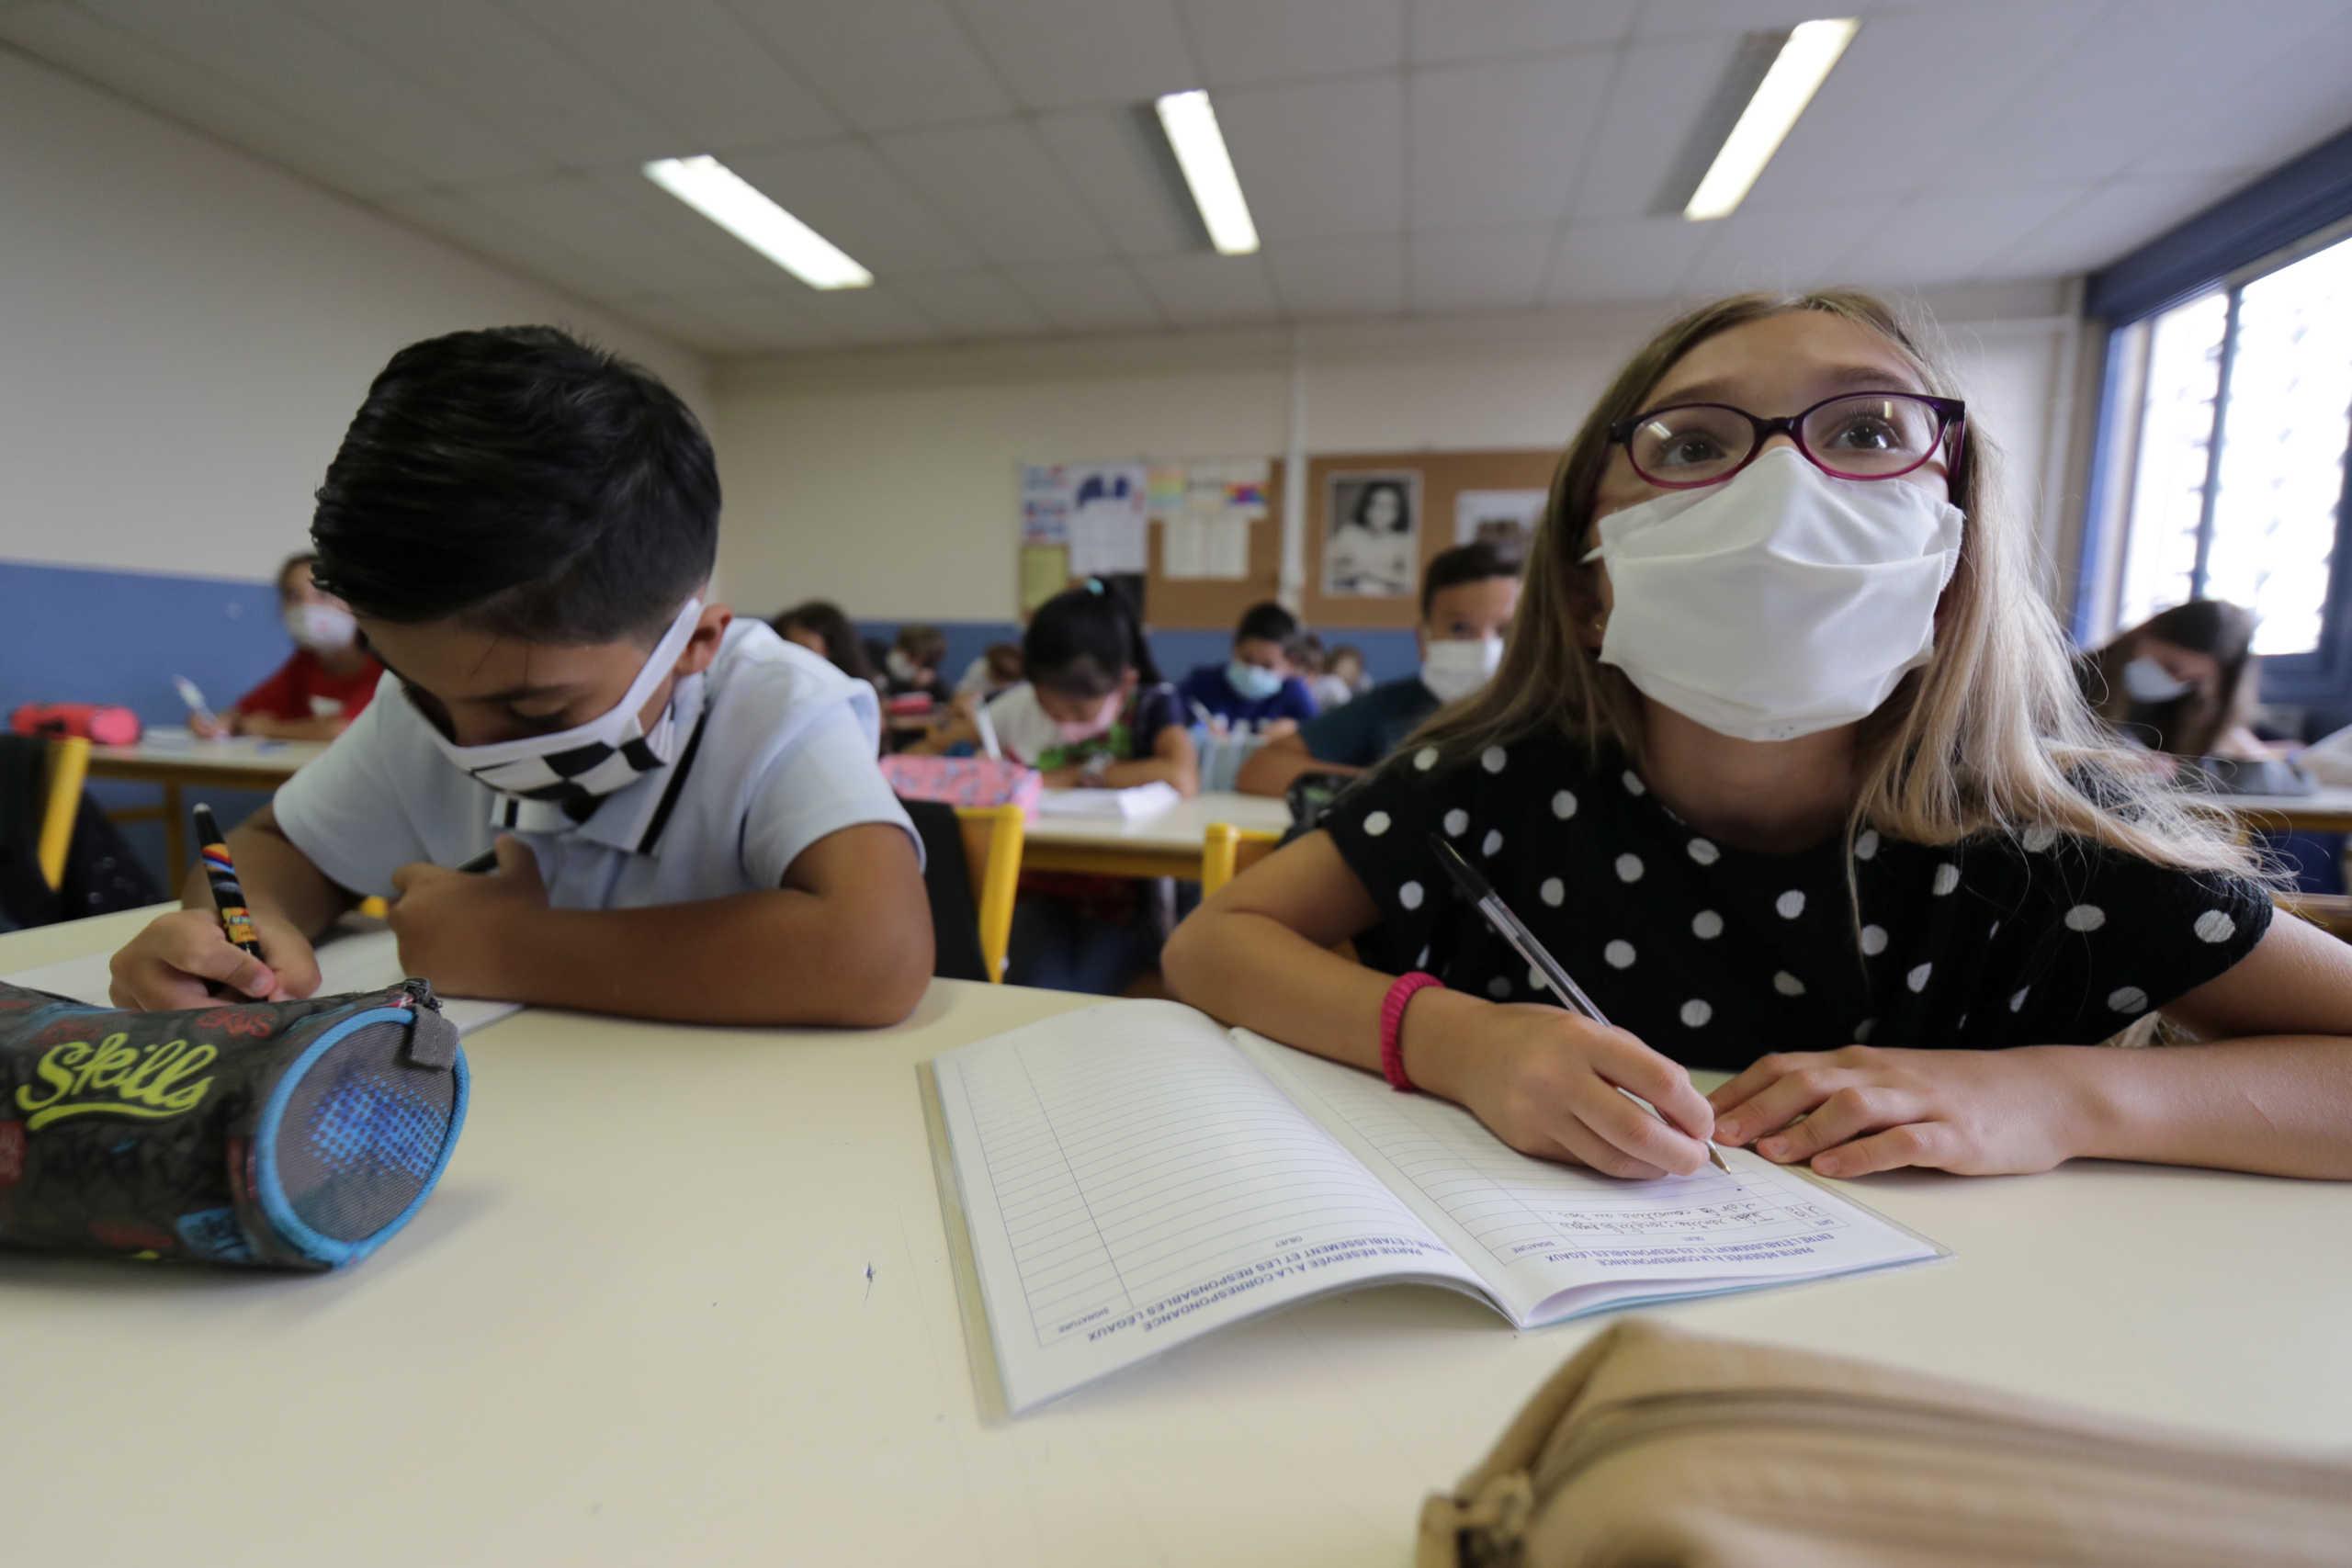 ΗΠΑ: Υποχρεωτική η μάσκα στα σχολεία του Νιου Τζέρσεϊ